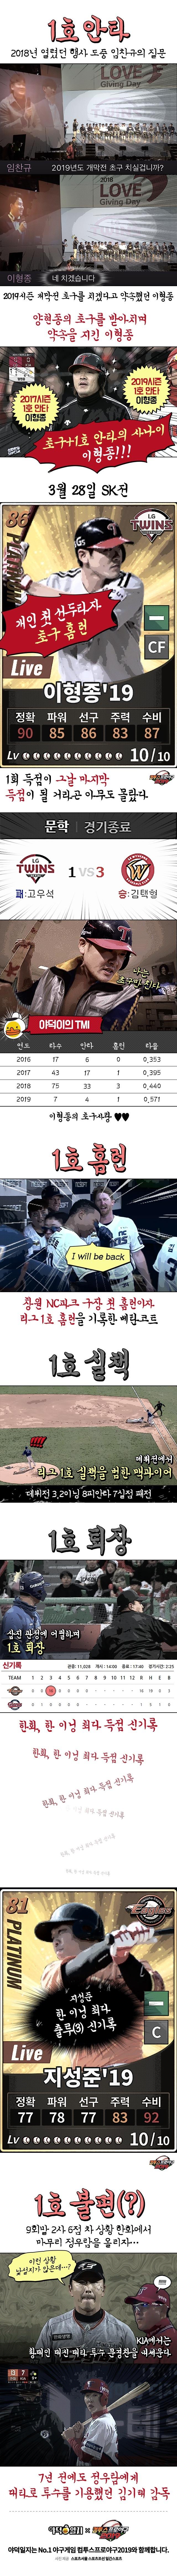 0412-2019시즌-1호-기록.jpg